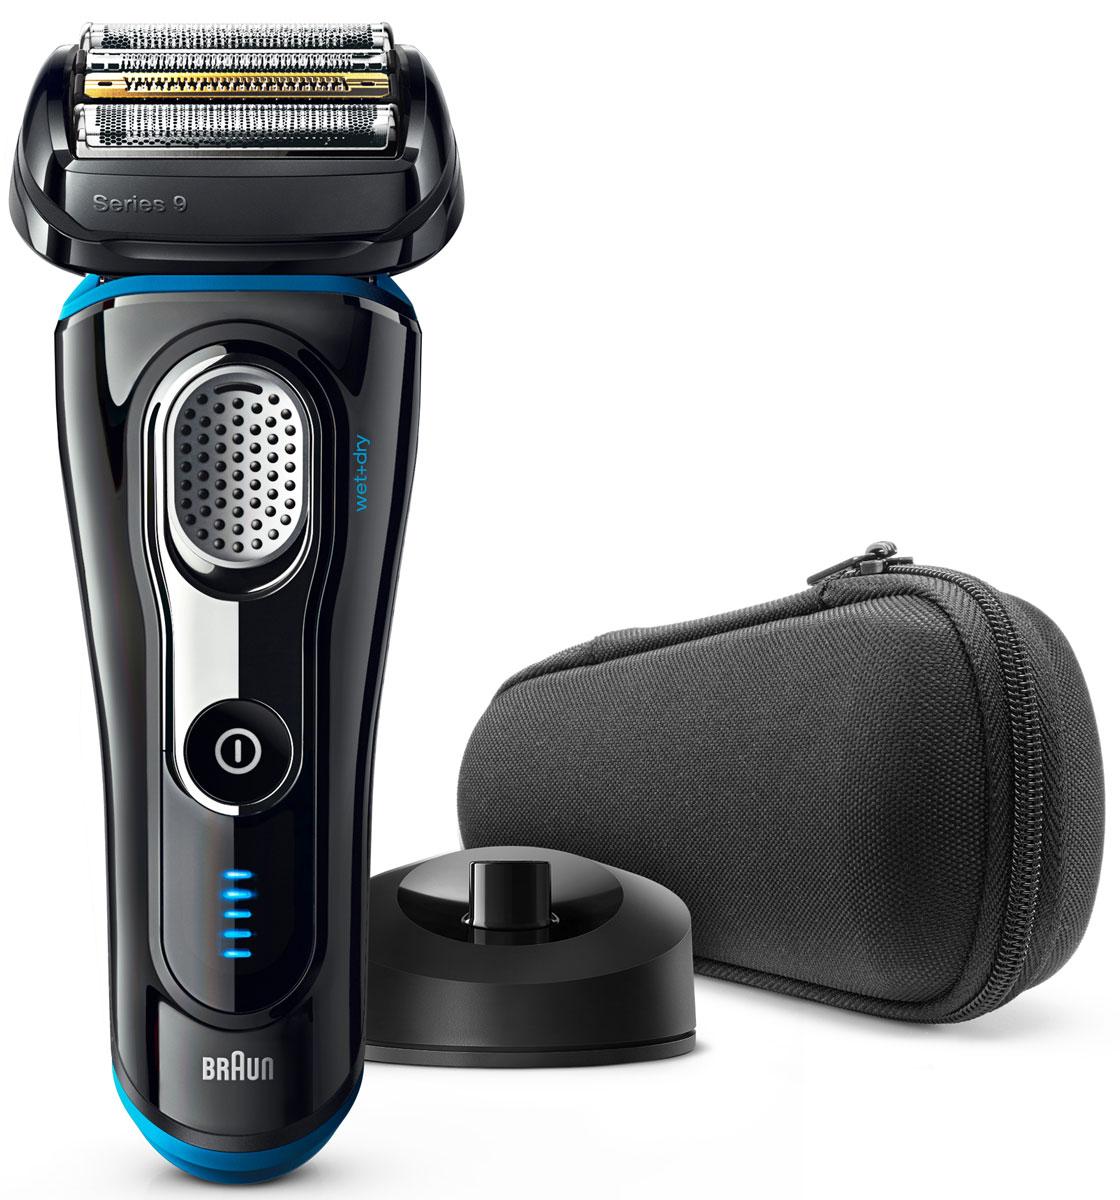 Braun Series 9 9240s Wet&Dry, Black электробритва81576496Braun Series 9 9240s Wet&Dry - одна из самых эффективных бритв в мире, а также исключительно комфортная. Специальная технология бритья позволяет захватывать больше волосков одним движением, обеспечивая гладкое и комфортное бритье без компромиссов. Преимущества: 5 специальных бреющих элементов захватывают больше волосков одним движением, что позволяет уменьшить количество движений и раздражение кожи Запатентованная технология SyncroSonic считывает и адаптируется к особенностям щетины 160 раз в секунду, повышая мощность там, где это необходимо В комплект входит зарядная станция, которая заряжает аккумулятор и отлично дополняет интерьер ванной комнаты